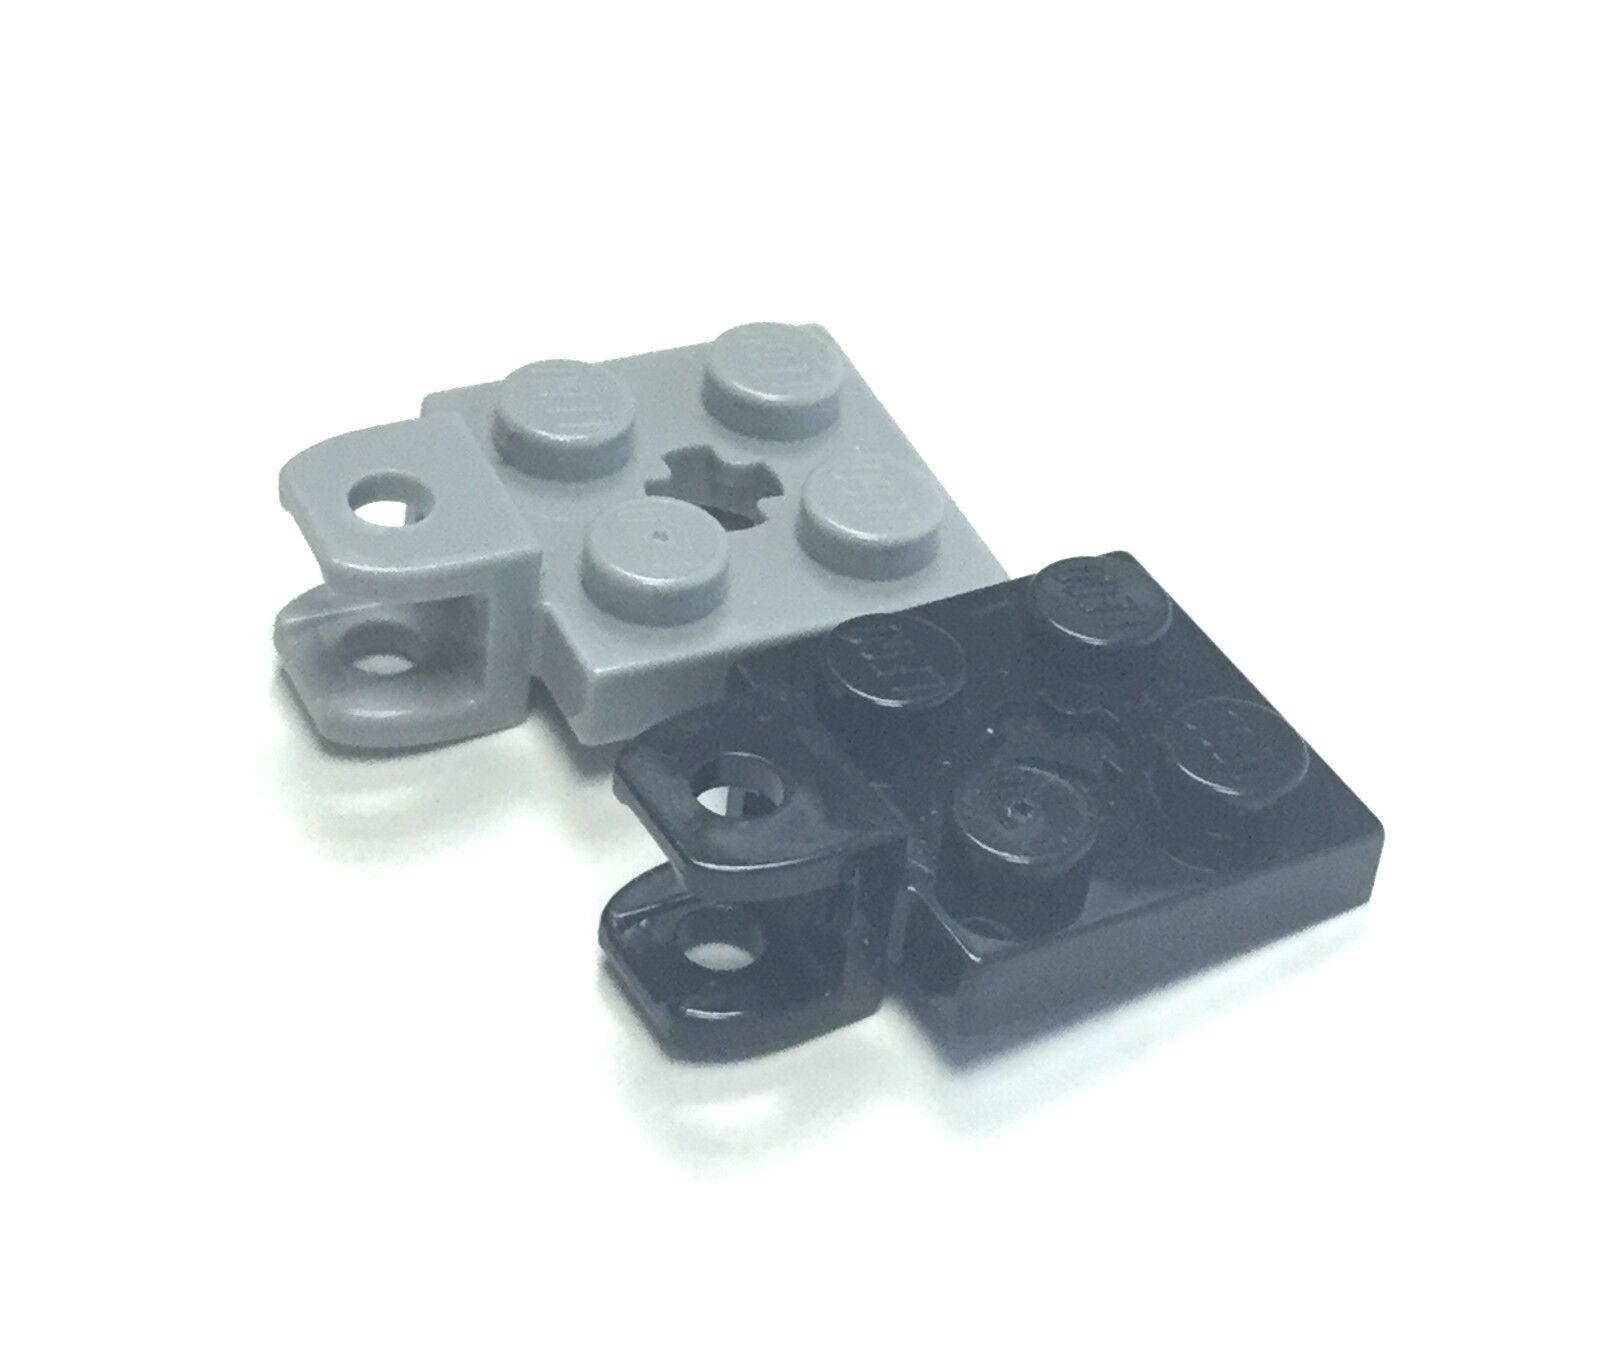 LEGO Dachstein gebogen 15068 NEUWARE e2 6 x Schrägstein abgerundet 2x2 braun